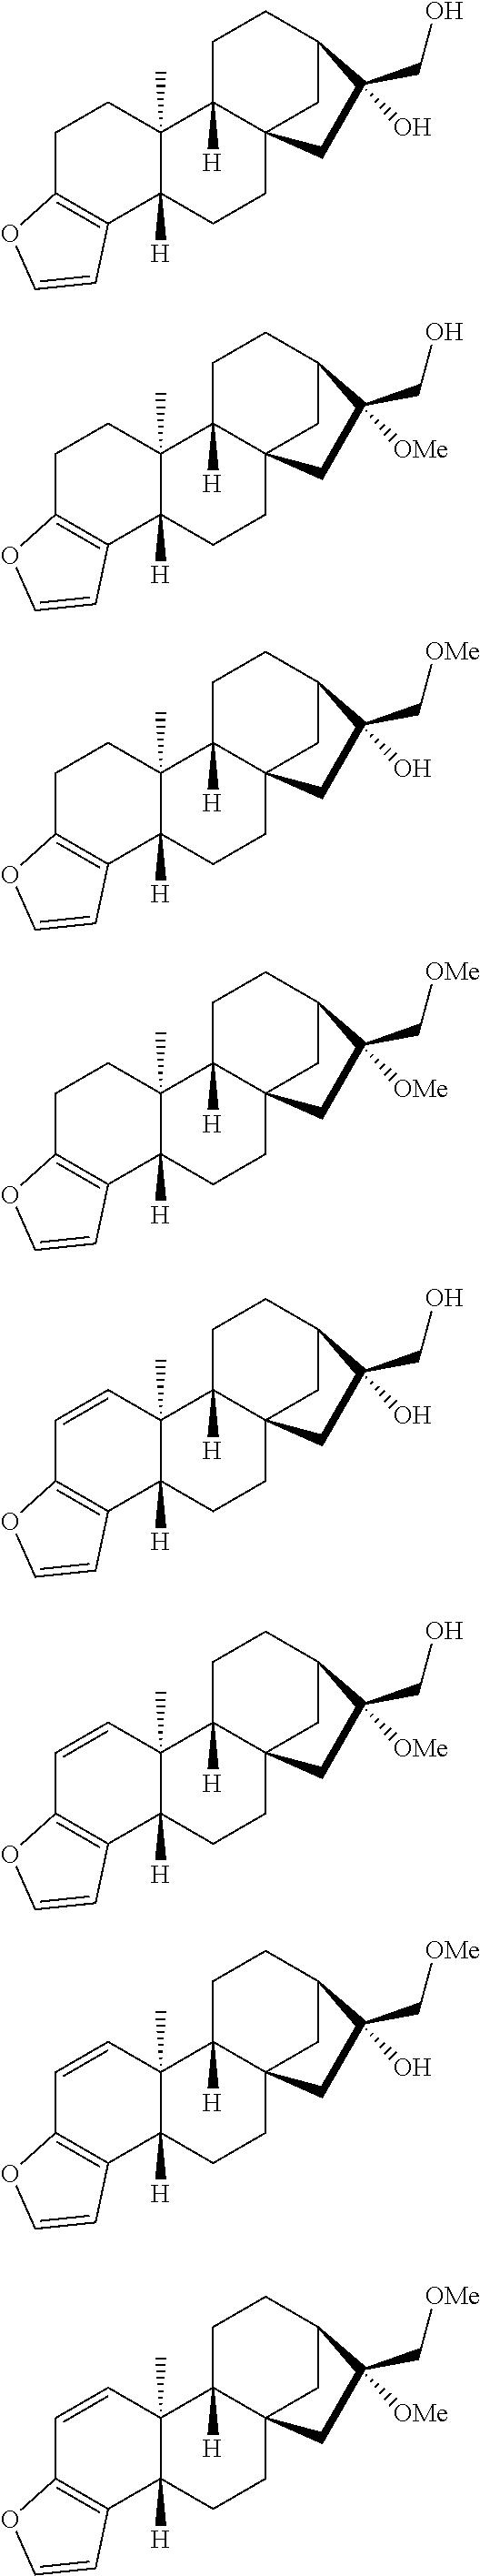 Figure US09962344-20180508-C00049